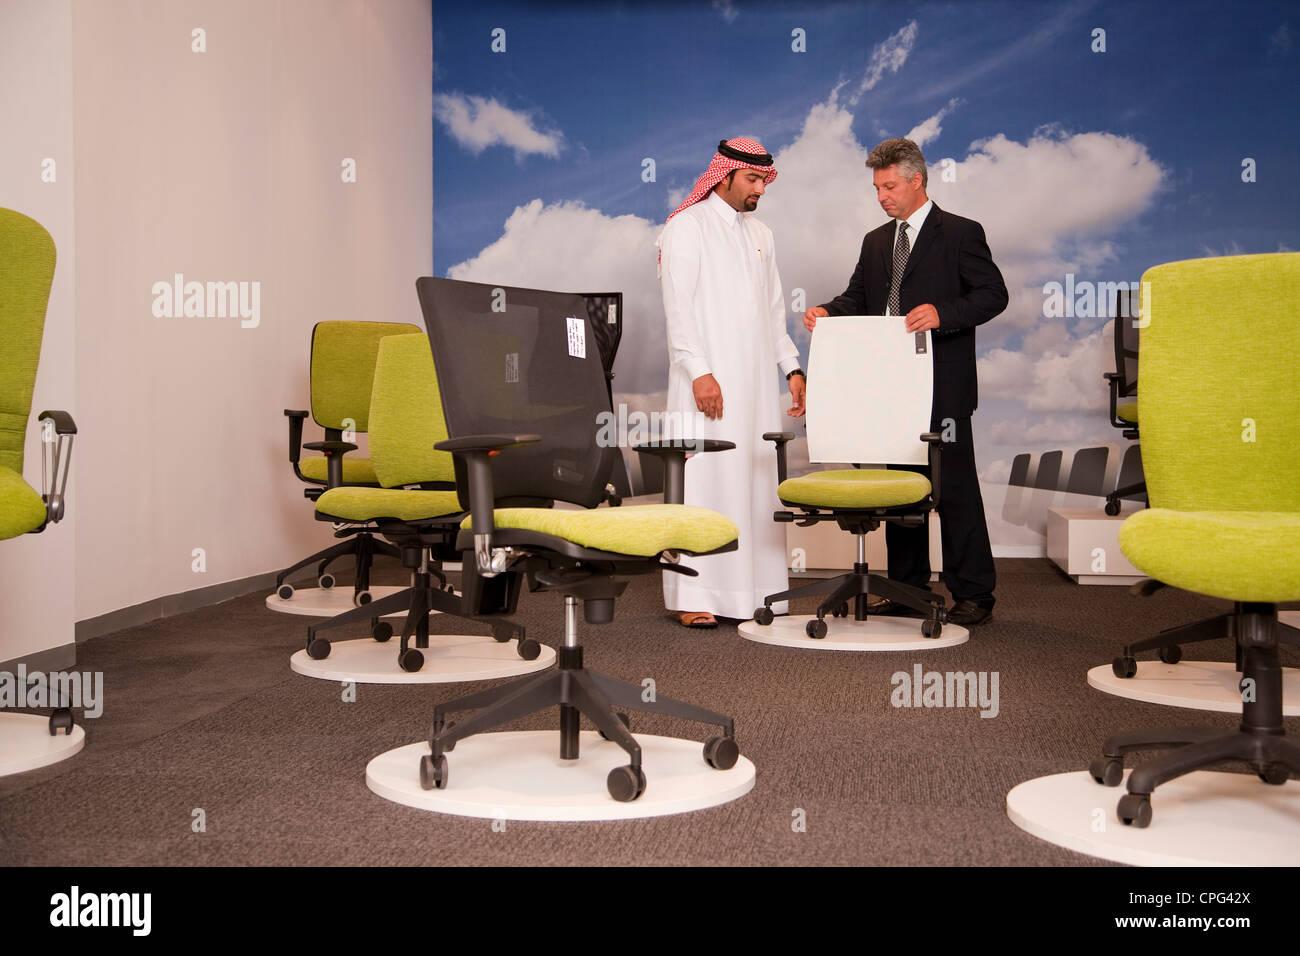 Vendedor ayudando al hombre árabe para compras de sillas de oficina en tienda de muebles. Foto de stock